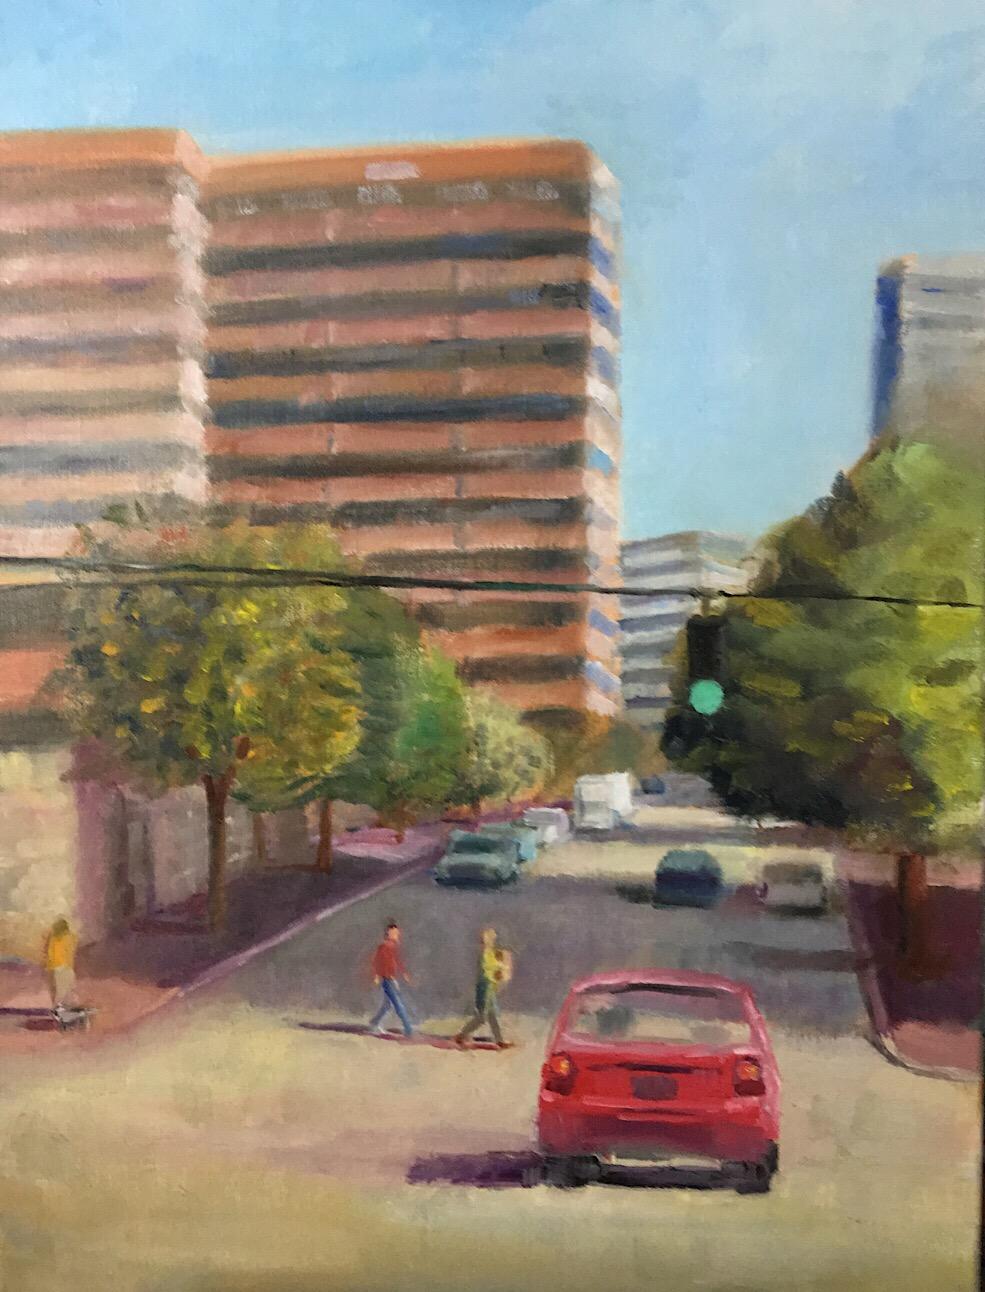 """Geoff Watson, """"Green light,"""" oil on linen, 24"""" x 36,"""" 2017 (in progress)."""